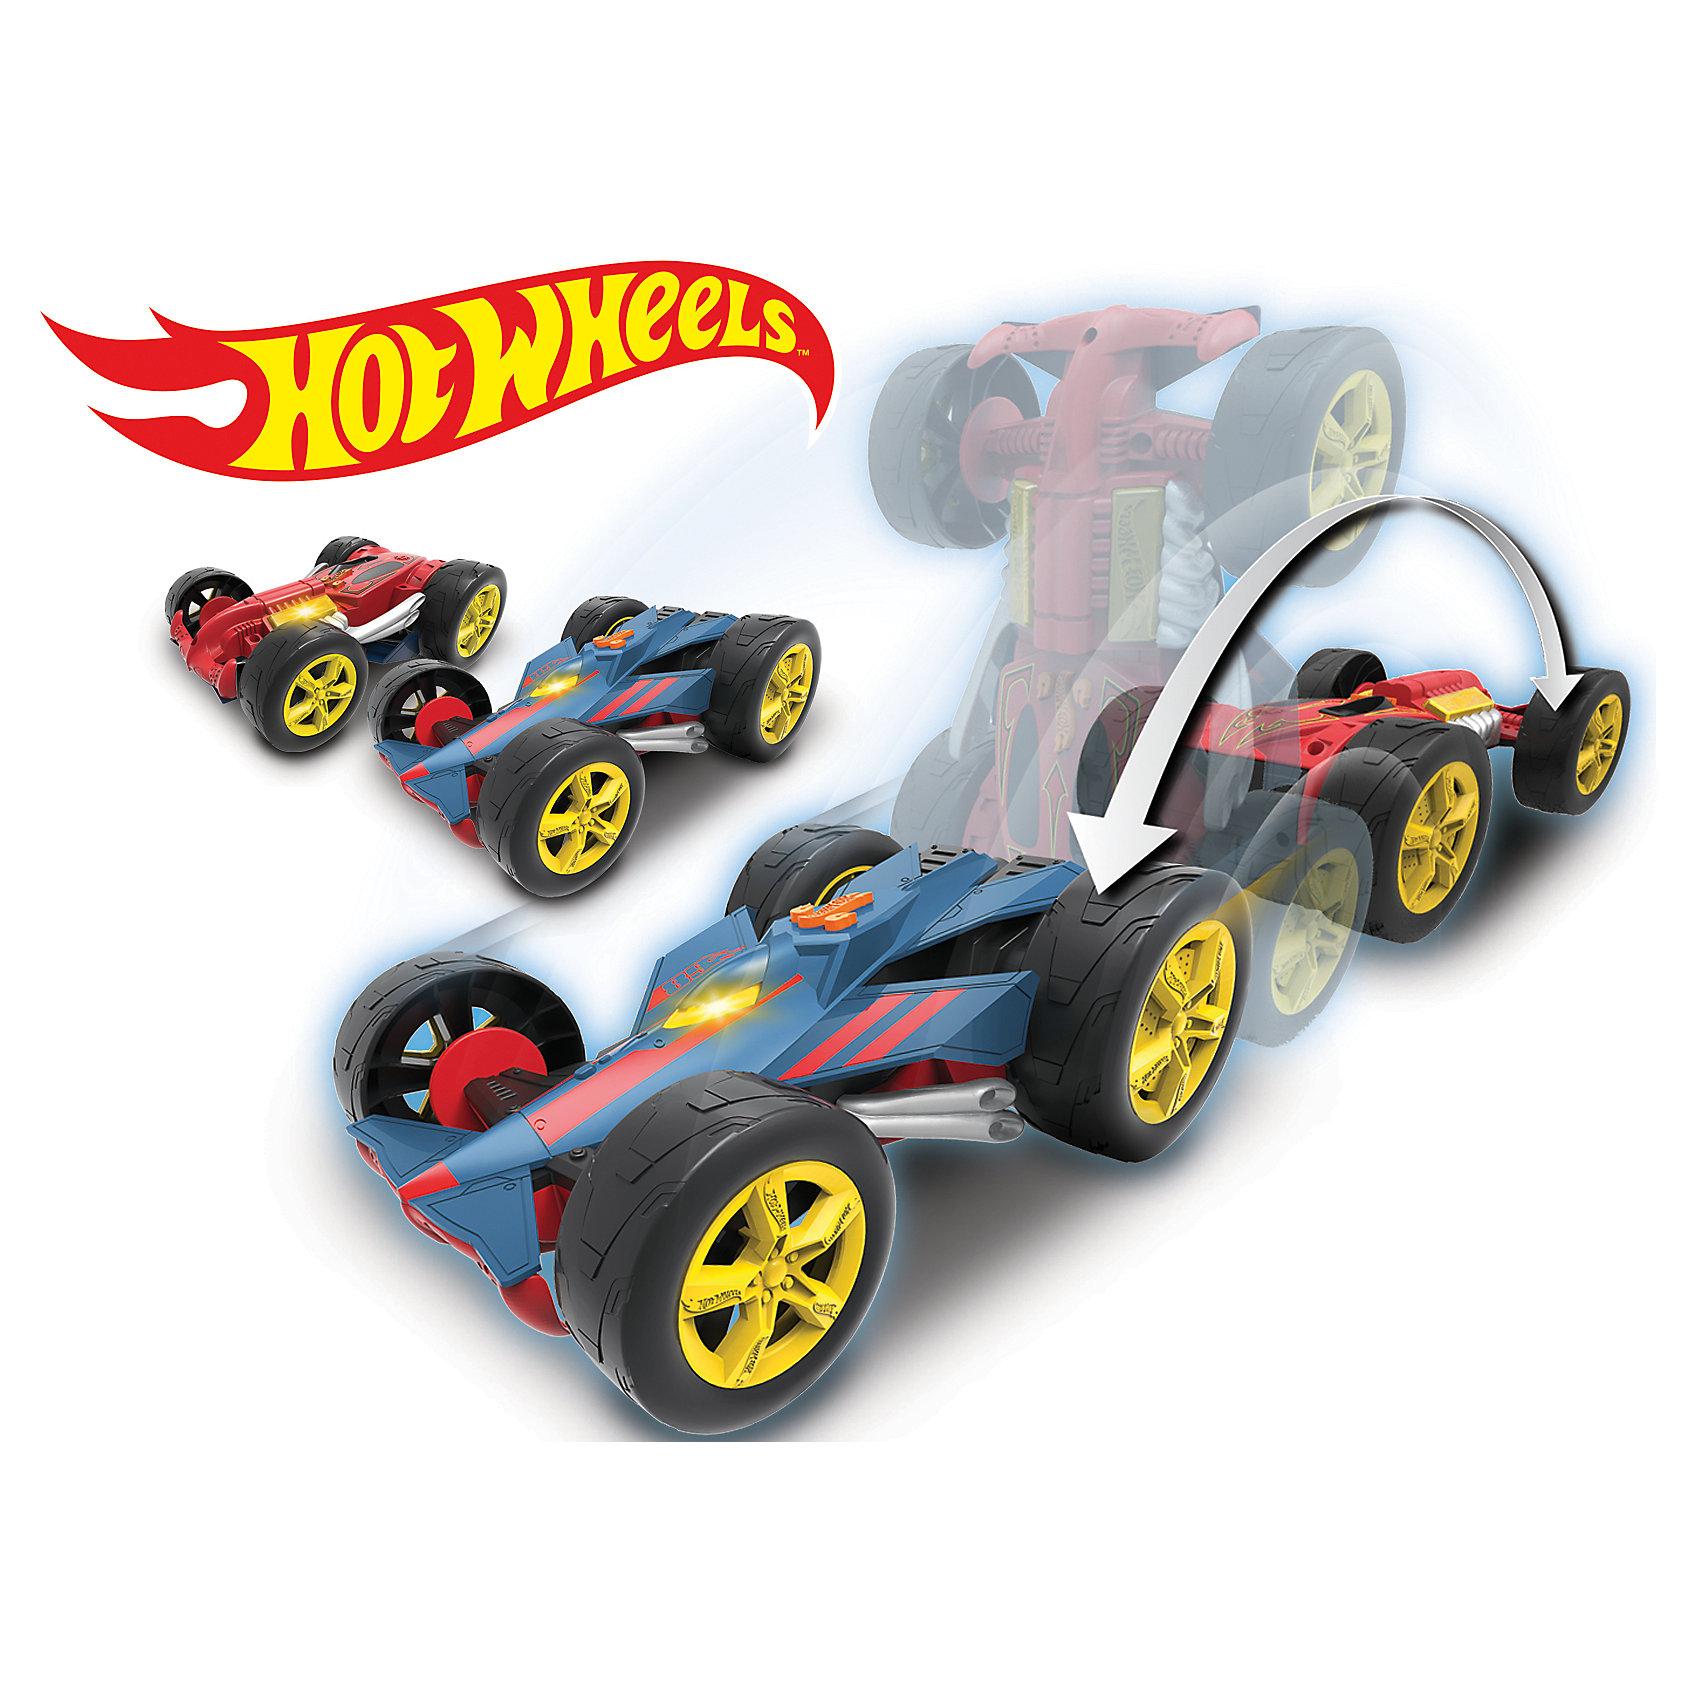 Машинка - Перевертыш 2 в 1 (свет, звук), 20 см Hot WheelsПопулярные игрушки<br>Характеристики товара:<br><br>- цвет: разноцветный;<br>- материал: пластик, металл;<br>- особенности: на батарейках, со звуковыми и световыми эффектами, во время движения она переворачивается то одной, то другой стороной корпуса вверх;<br>- вес: 700 г;<br>- размер упаковки: 10х26х18;<br>- батарейки: демонстрационные в комплекте 4хАА;<br>- размер машинки: 20 см.<br><br>Какой мальчишка откажется поиграть с коллекционной машинкой Hot Wheels, которая выглядит как настоящая?! Машинка очень эффектно смотрится, она запускается нажатием кнопки. Игрушка отлично детализирована, очень качественно выполнена, поэтому она станет отличным подарком ребенку. Продается в красивой упаковке.<br>Изделия произведены из высококачественного материала, безопасного для детей.<br><br>Электромеханическую машинку Hot Wheels можно купить в нашем интернет-магазине.<br><br>Ширина мм: 104<br>Глубина мм: 178<br>Высота мм: 255<br>Вес г: 697<br>Возраст от месяцев: 36<br>Возраст до месяцев: 2147483647<br>Пол: Мужской<br>Возраст: Детский<br>SKU: 5066719